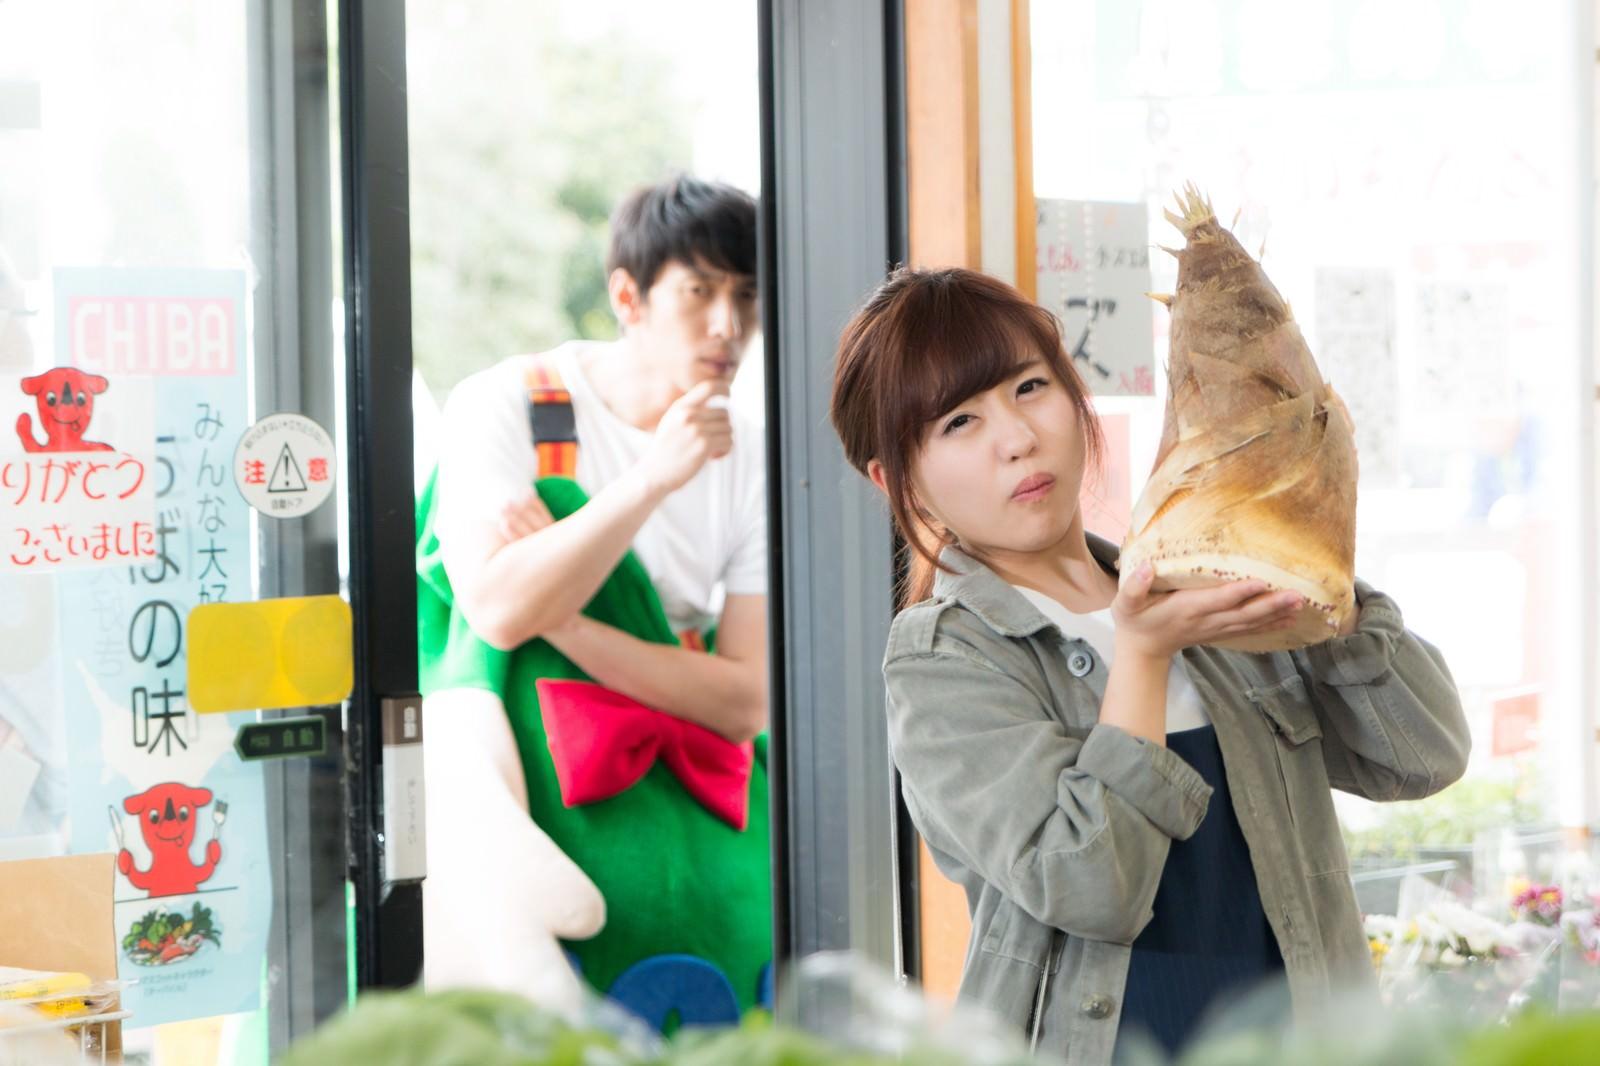 「商店で販売されていた大きなタケノコを物欲しげな顔で見つめる着ぐるみ姿のAD」の写真[モデル:大川竜弥 河村友歌]